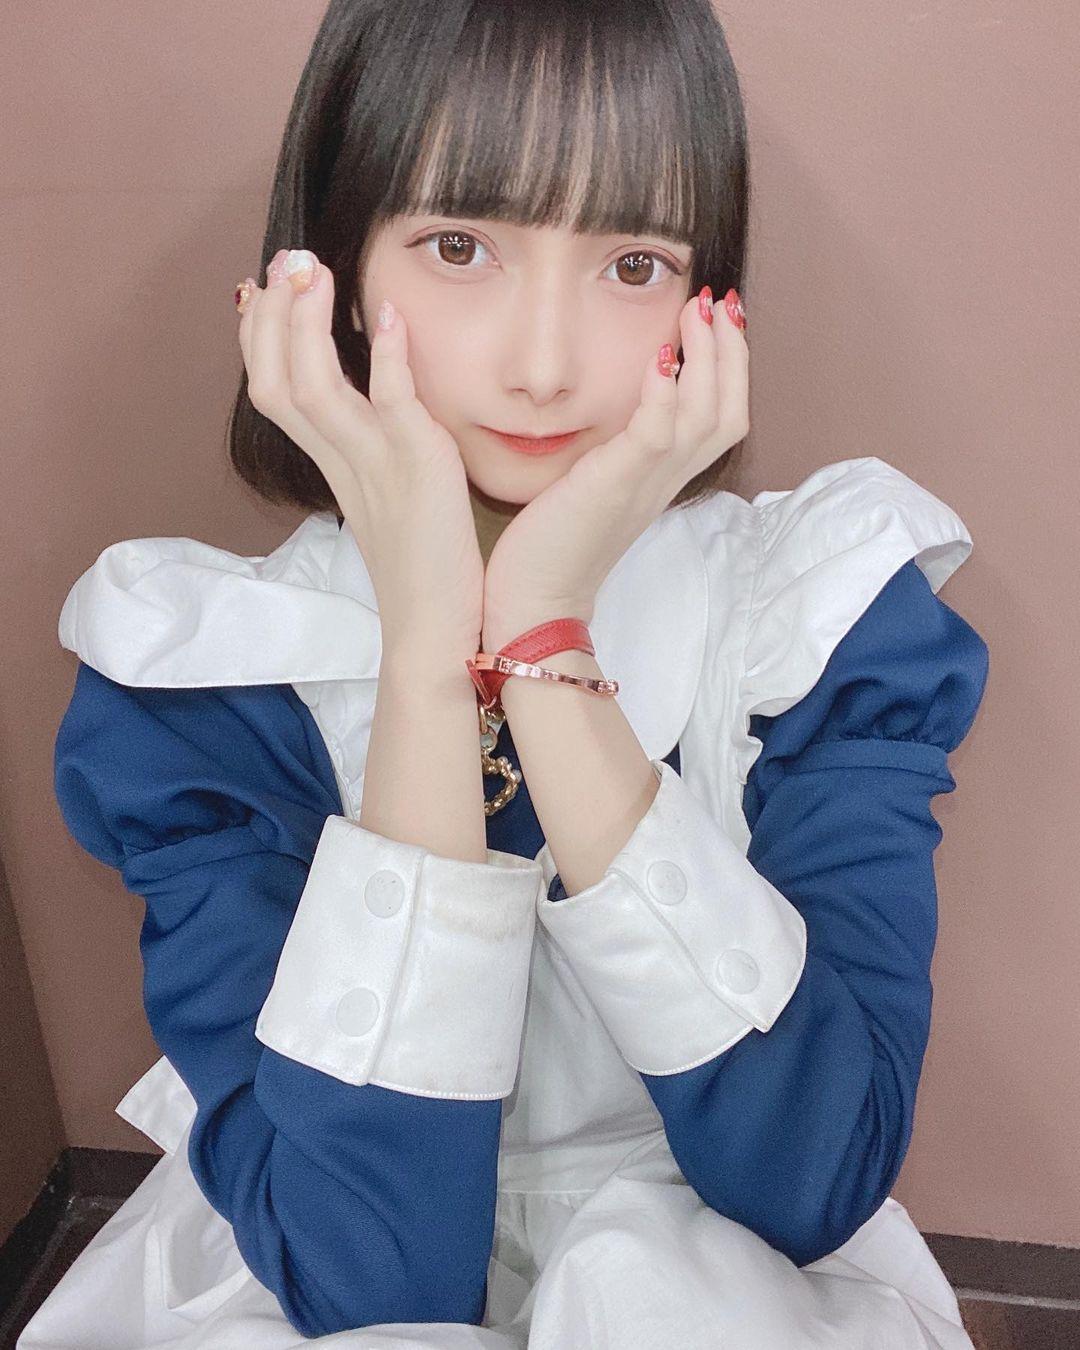 日本少女偶像天使もも写真使出招数 养眼图片 第7张